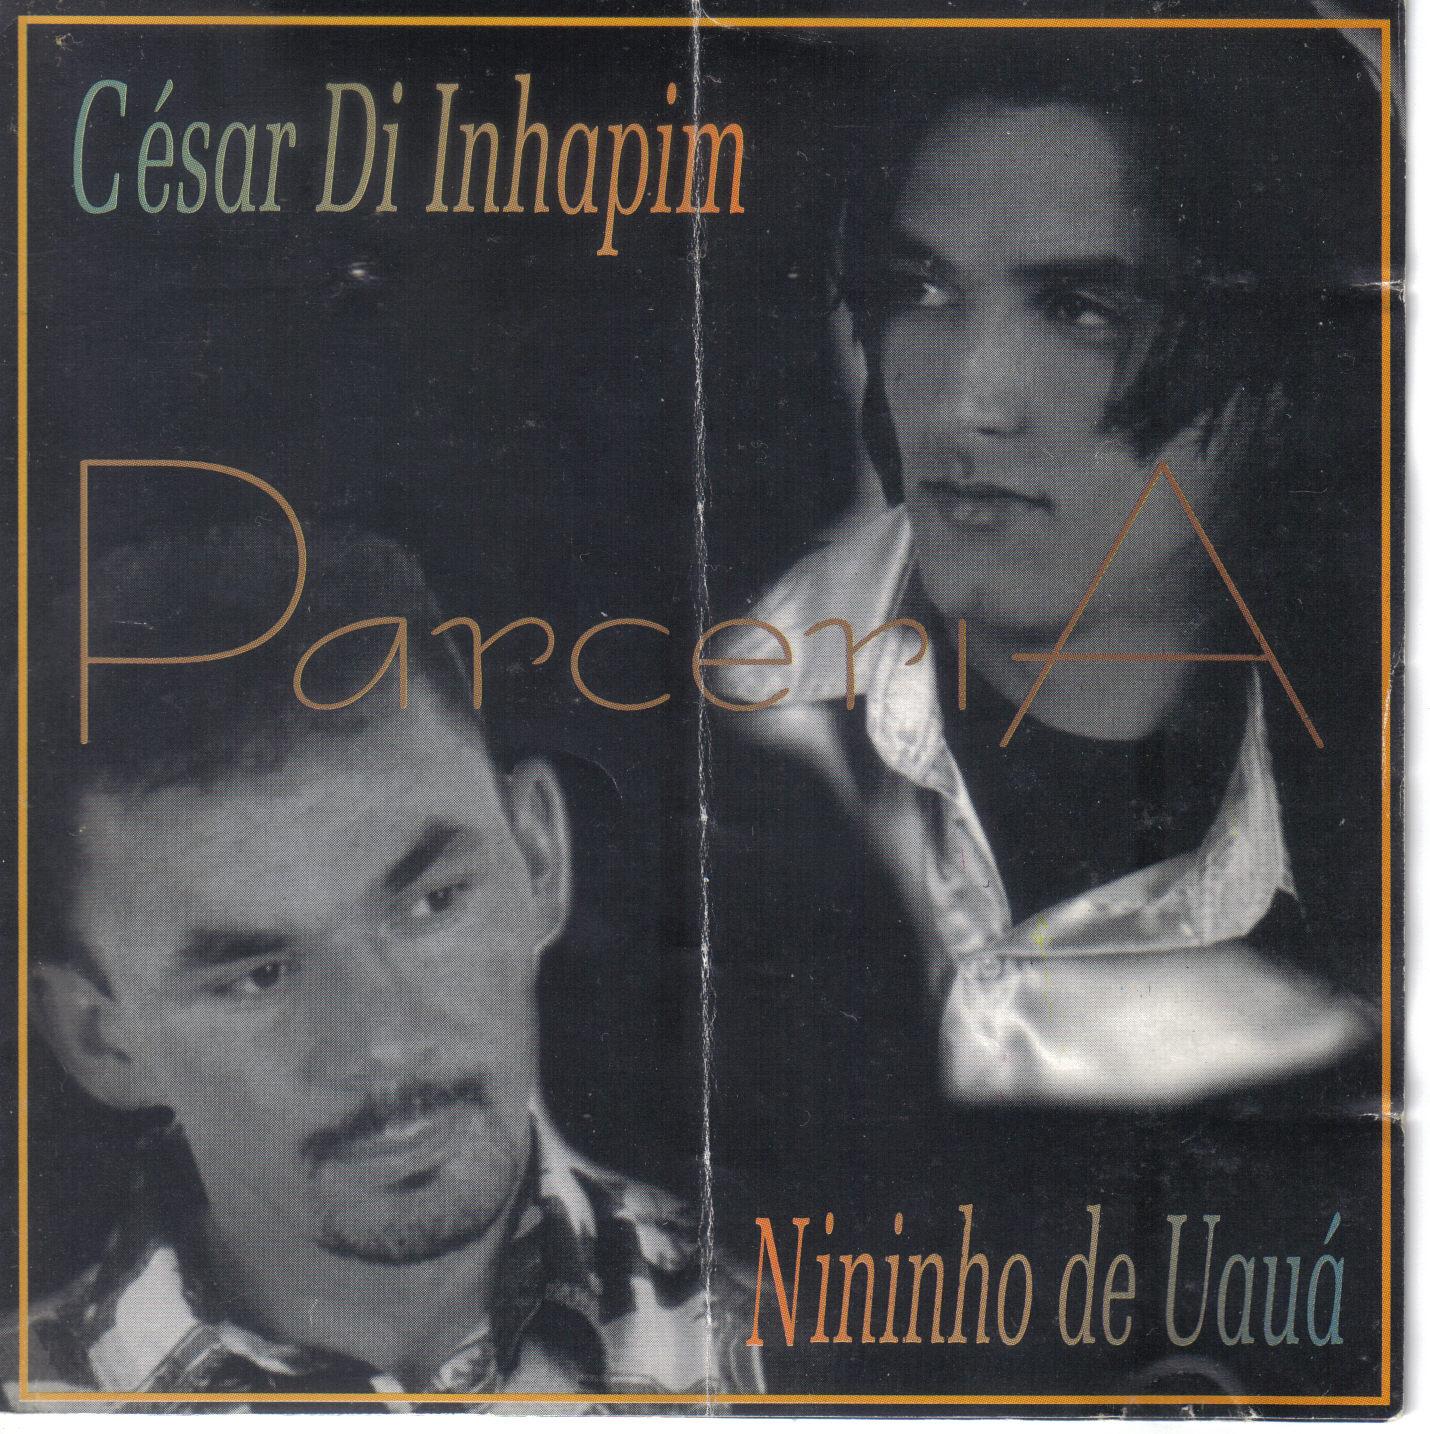 Cesar Di e Nininho de Uauá